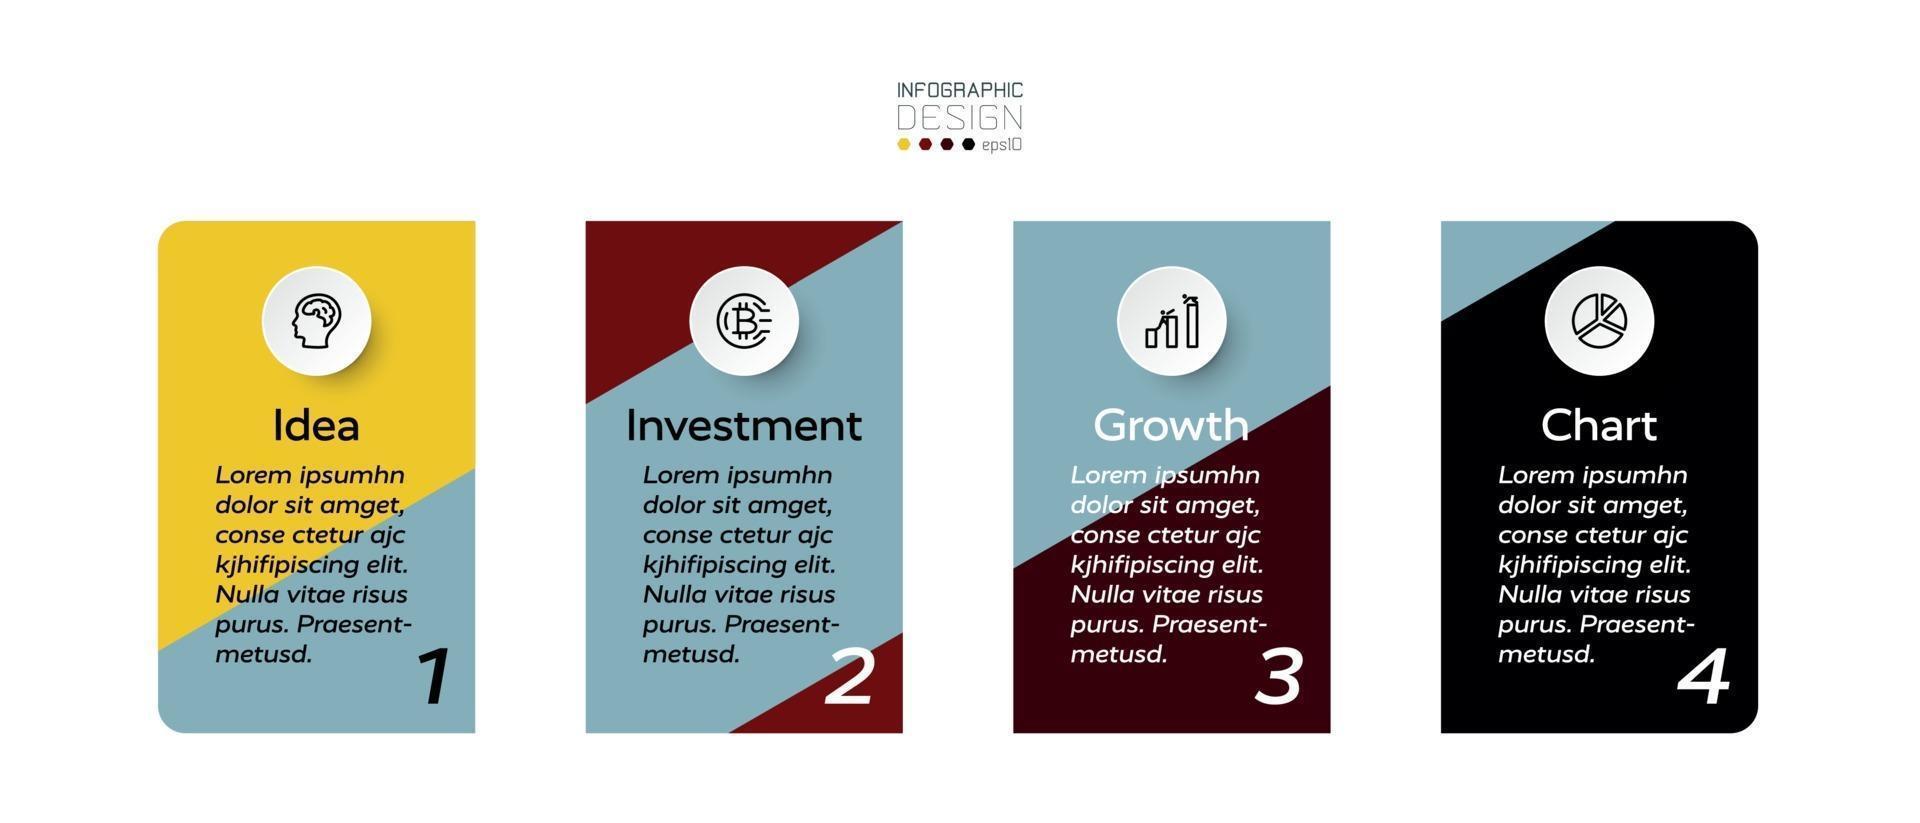 présentation du travail par Square Design explique comment faire des opérations commerciales, des processus de travail. conception infographique. vecteur